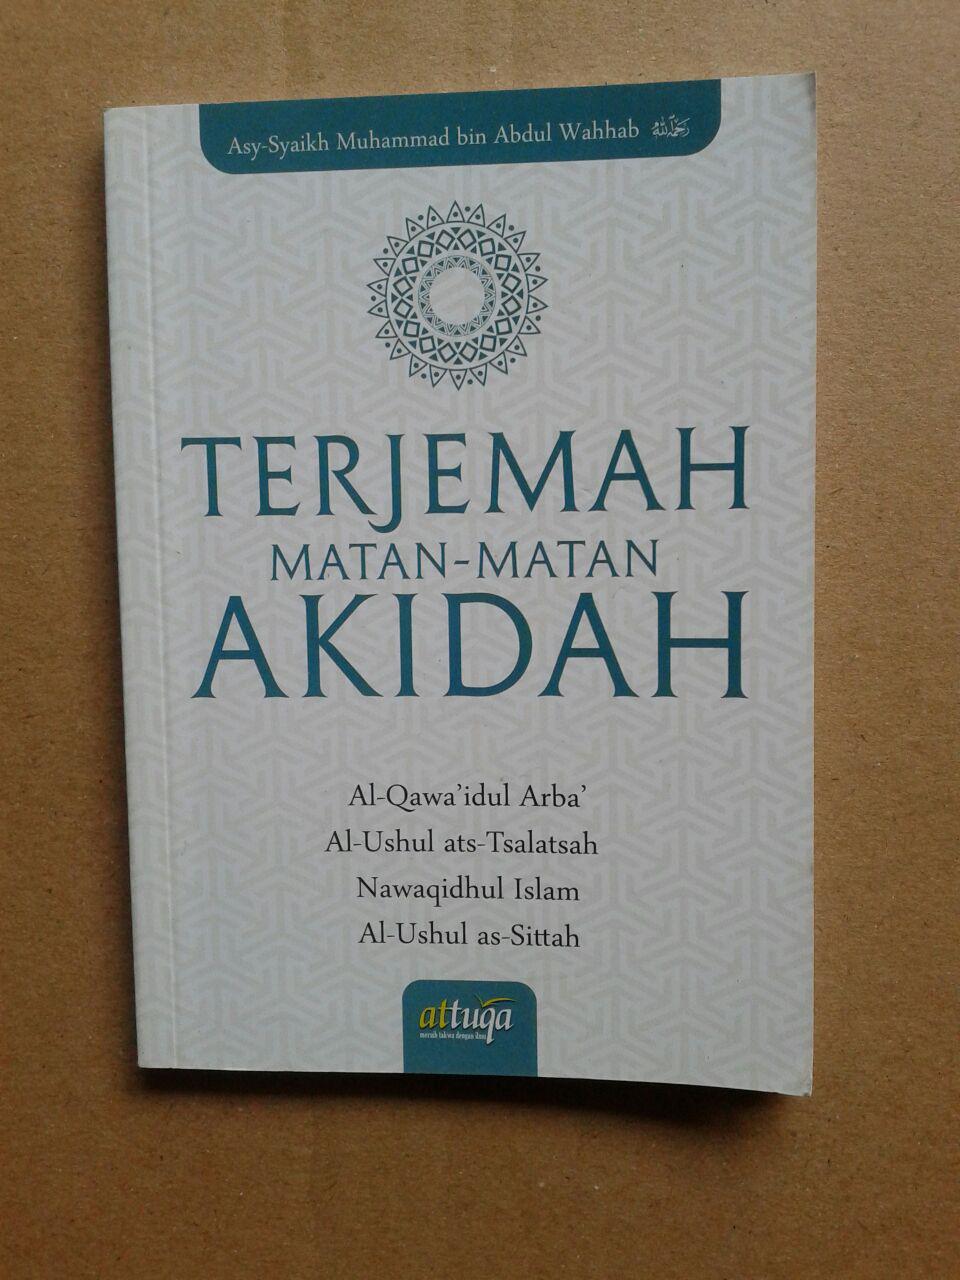 Buku Saku Terjemah Matan-Matan Akidah cover